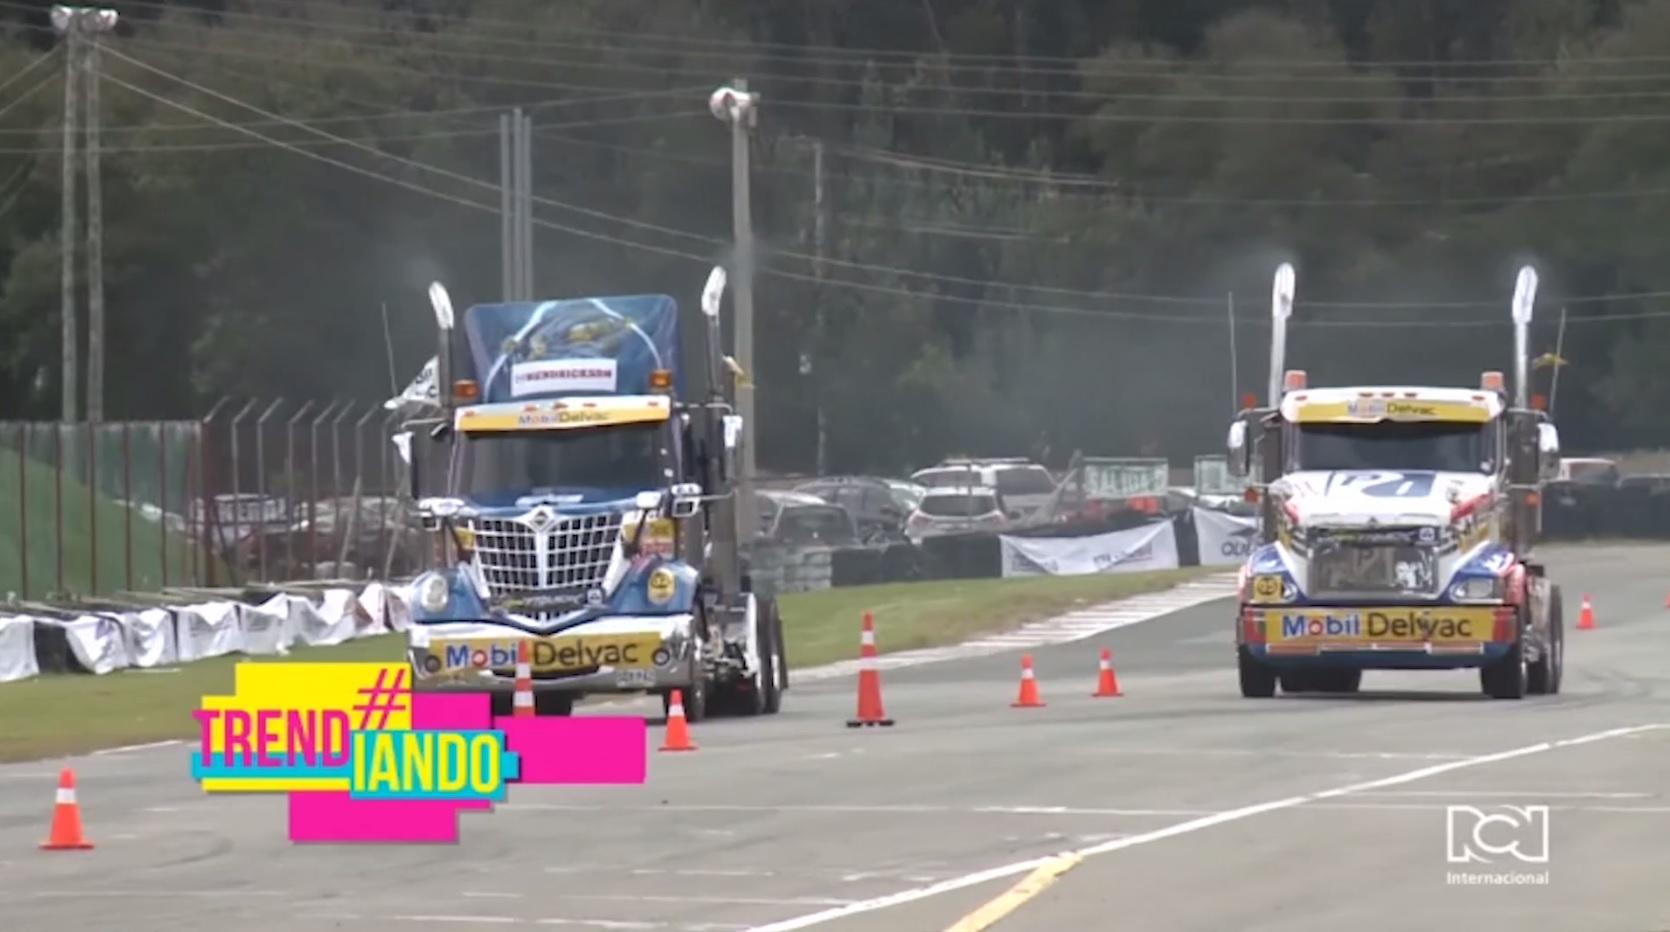 Gran Premio Mobil Delvac 2019